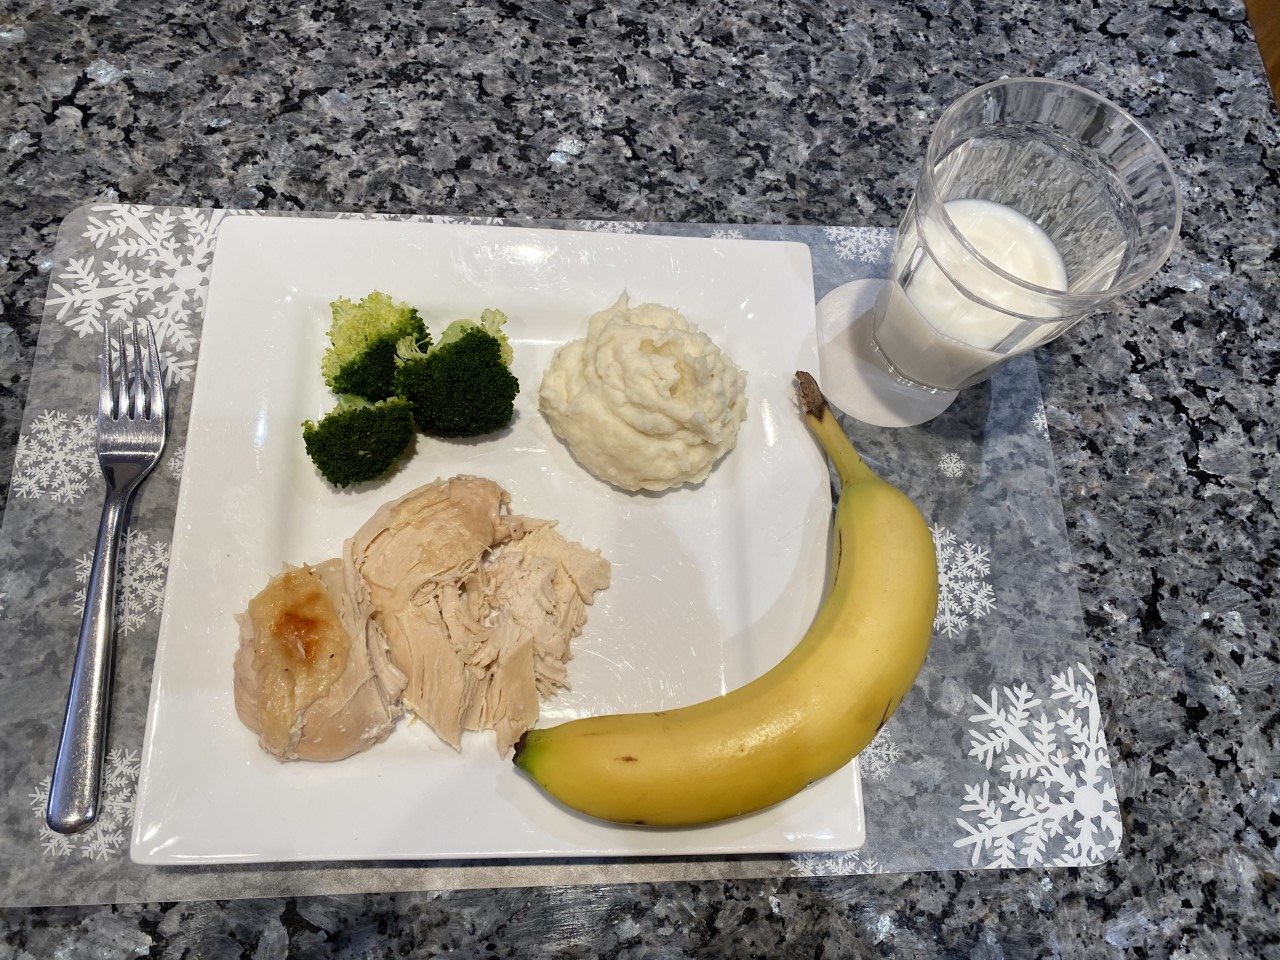 Turkey, broccoli, potatoes, banana